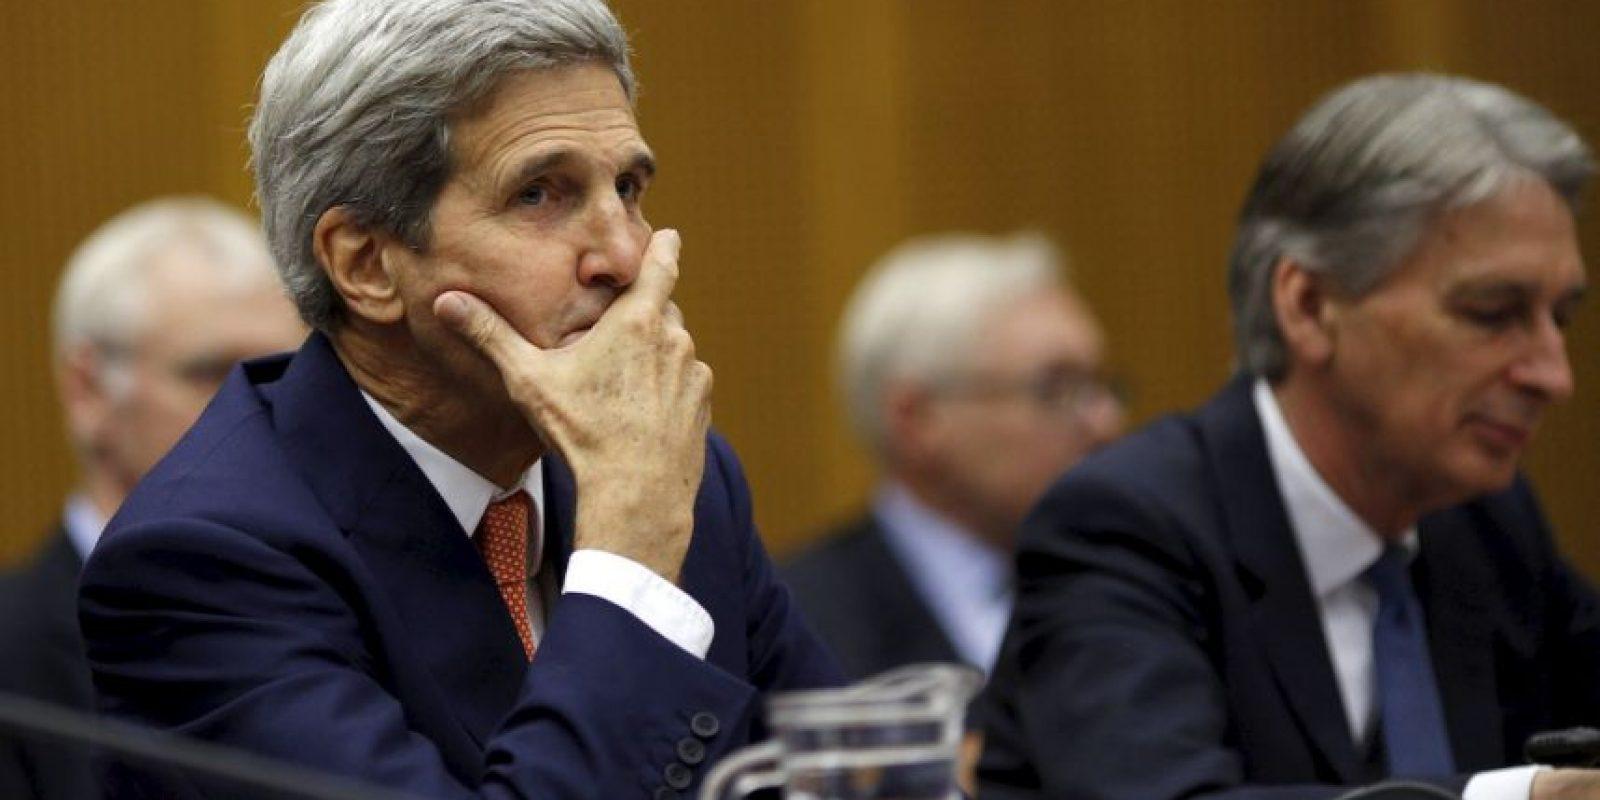 """""""Gracias a este acuerdo, la comunidad internacional podrá verificar que Irán no desarrolla un arma nuclear"""", agregó. Foto:AP"""